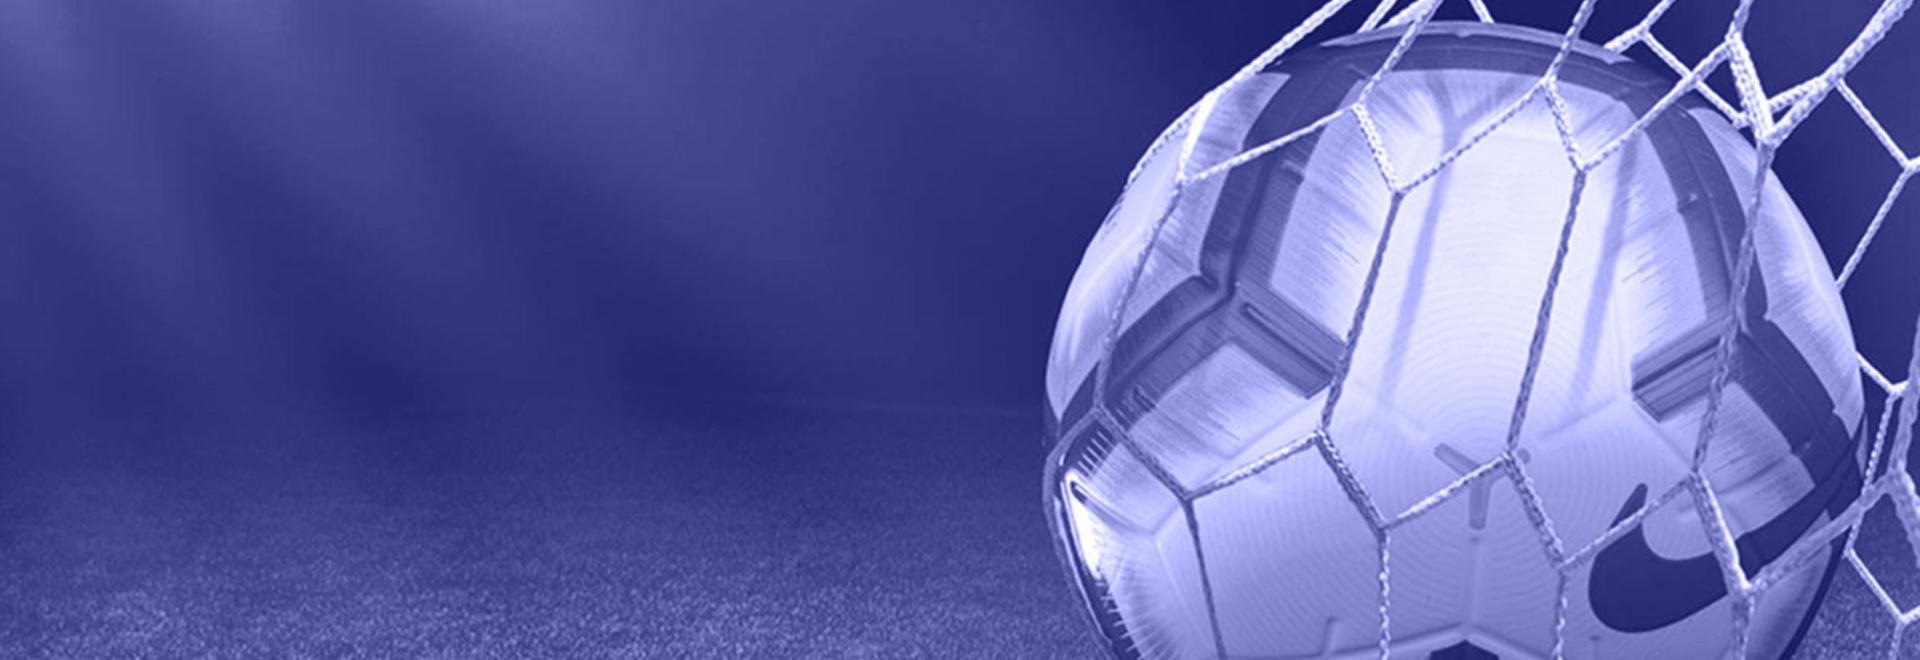 Lazio - Sampdoria 07/05/17